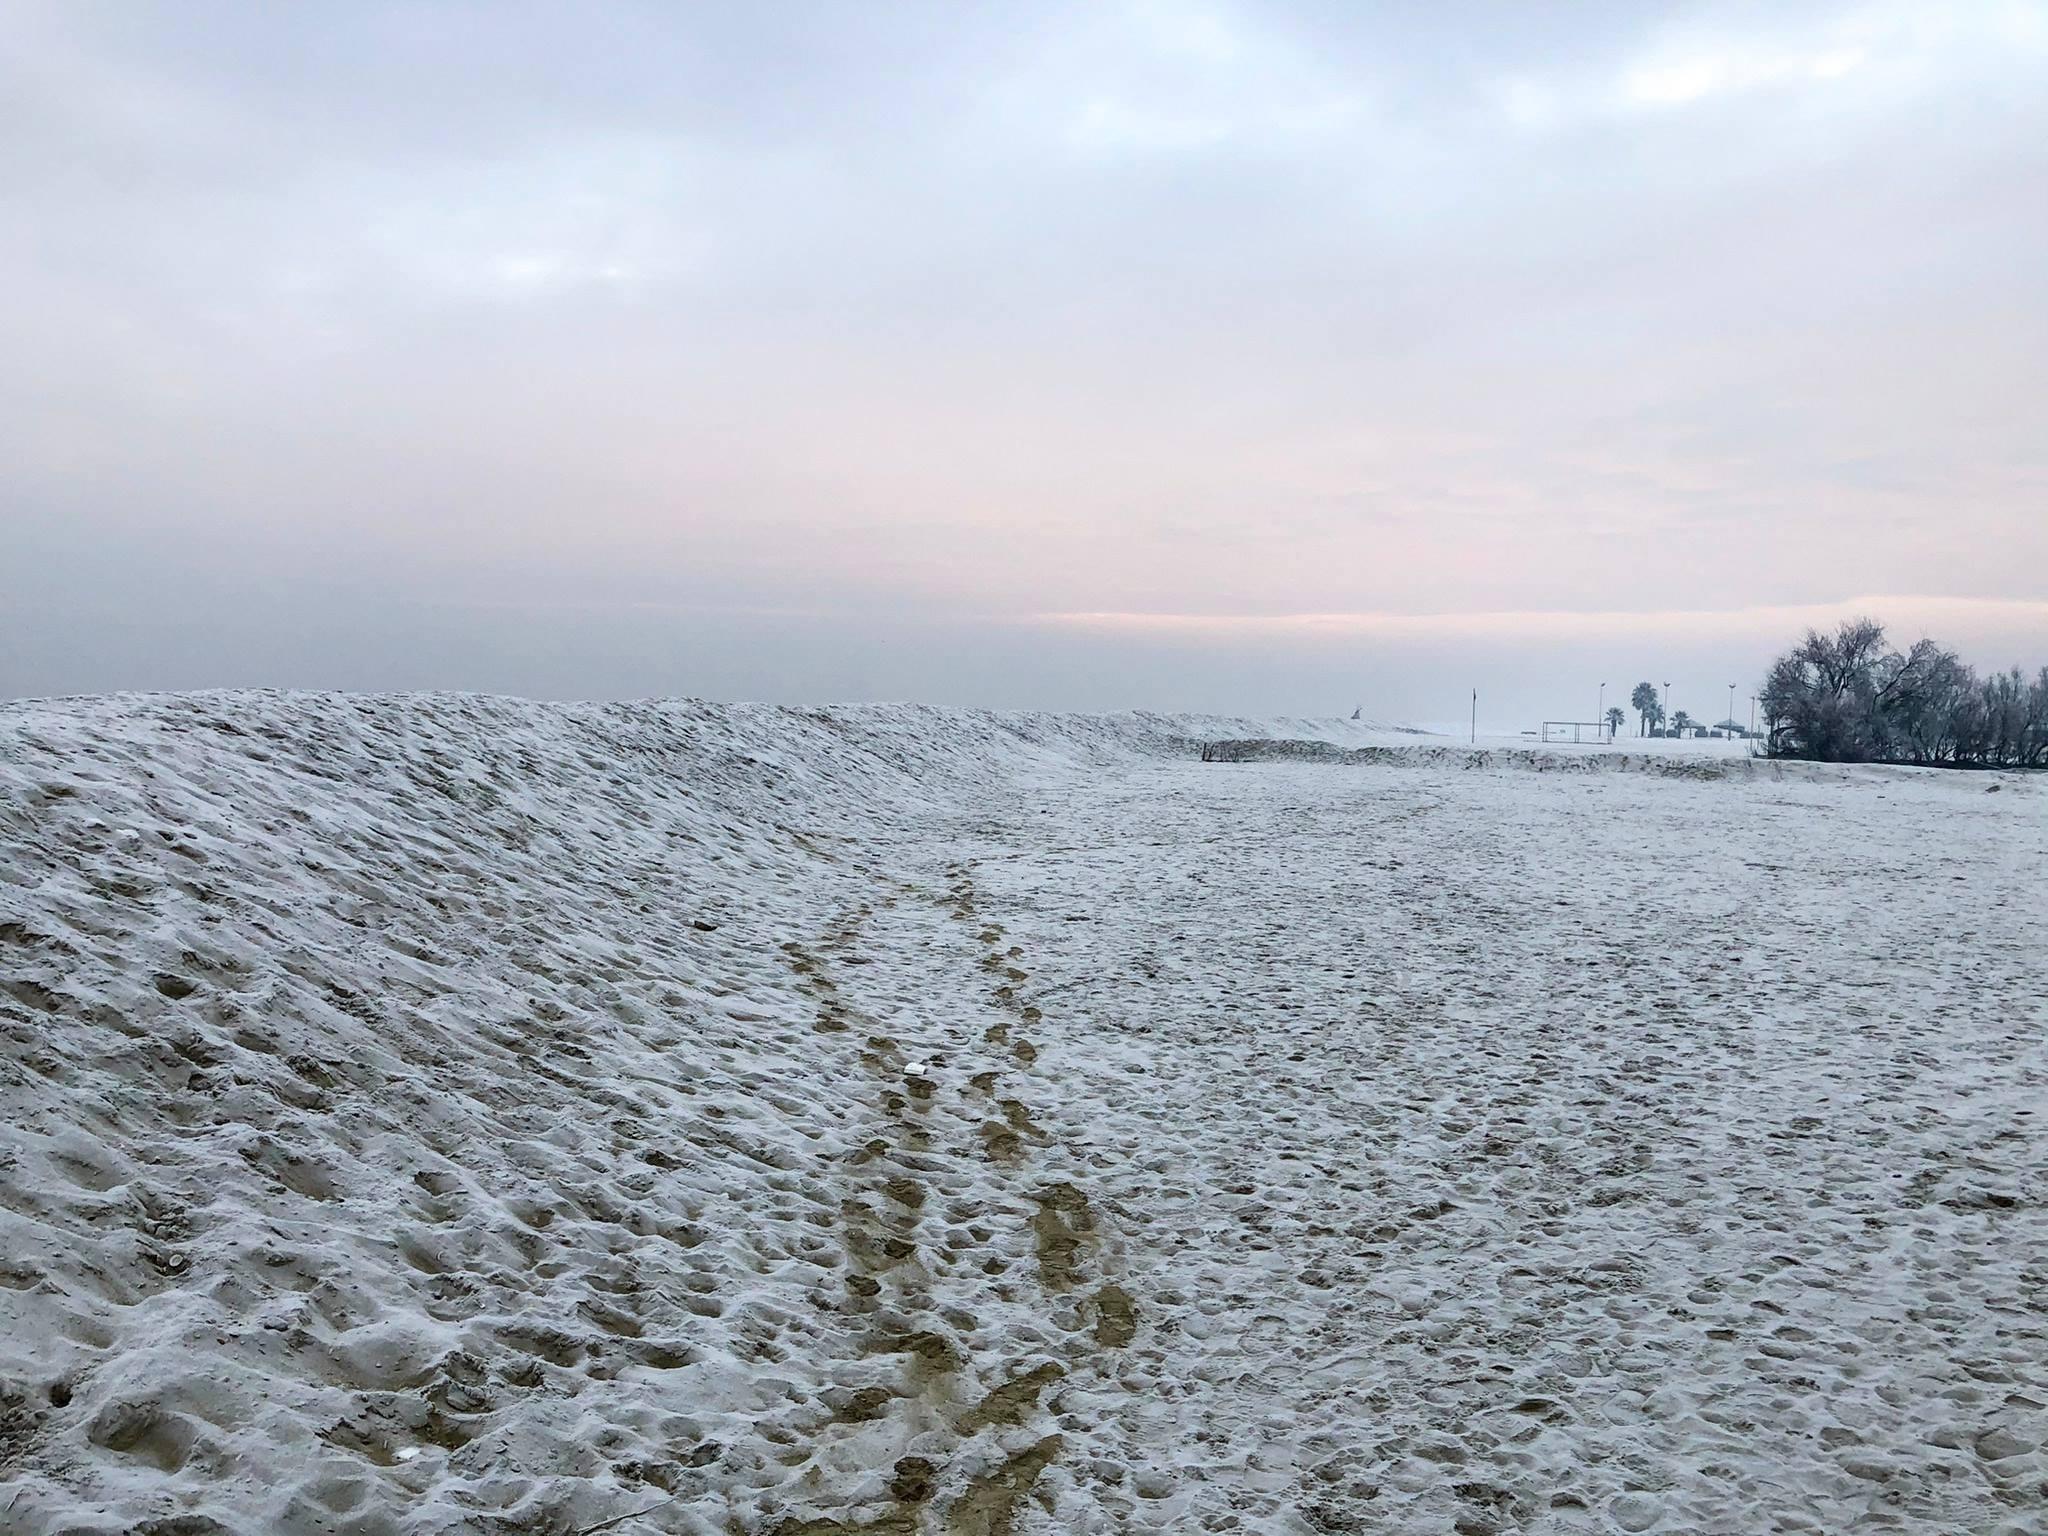 Gelo sin sulle rive dell'Emilia Romagna: spiaggia congelata a Marina di Ravenna